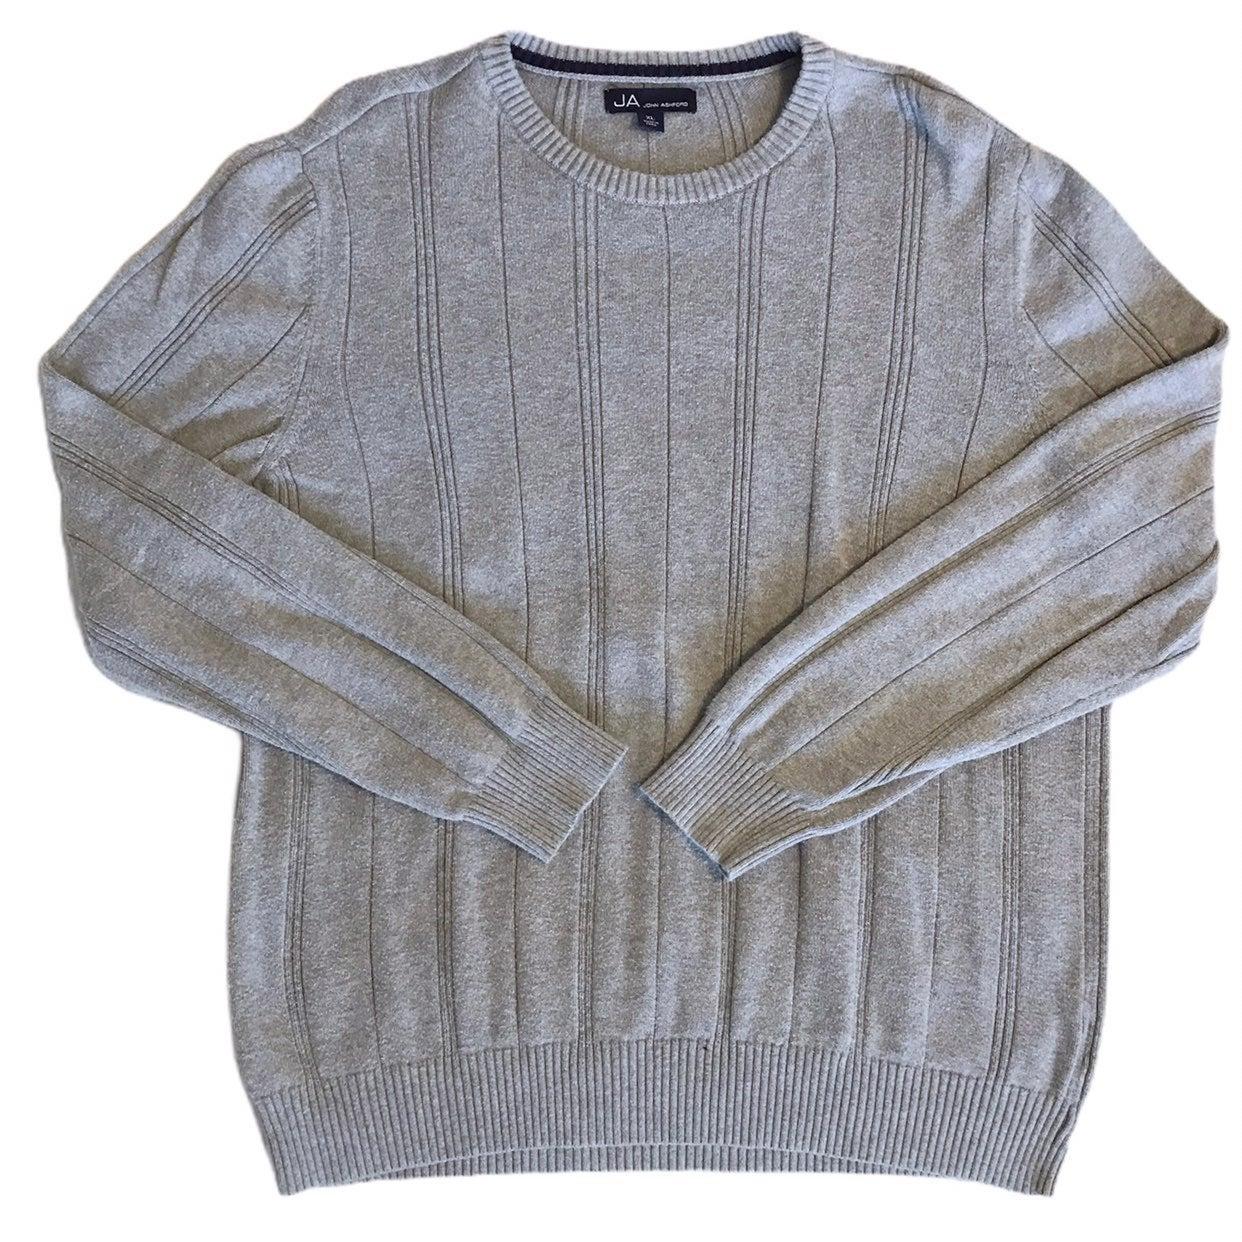 Mens John Ashford Gray Sweater